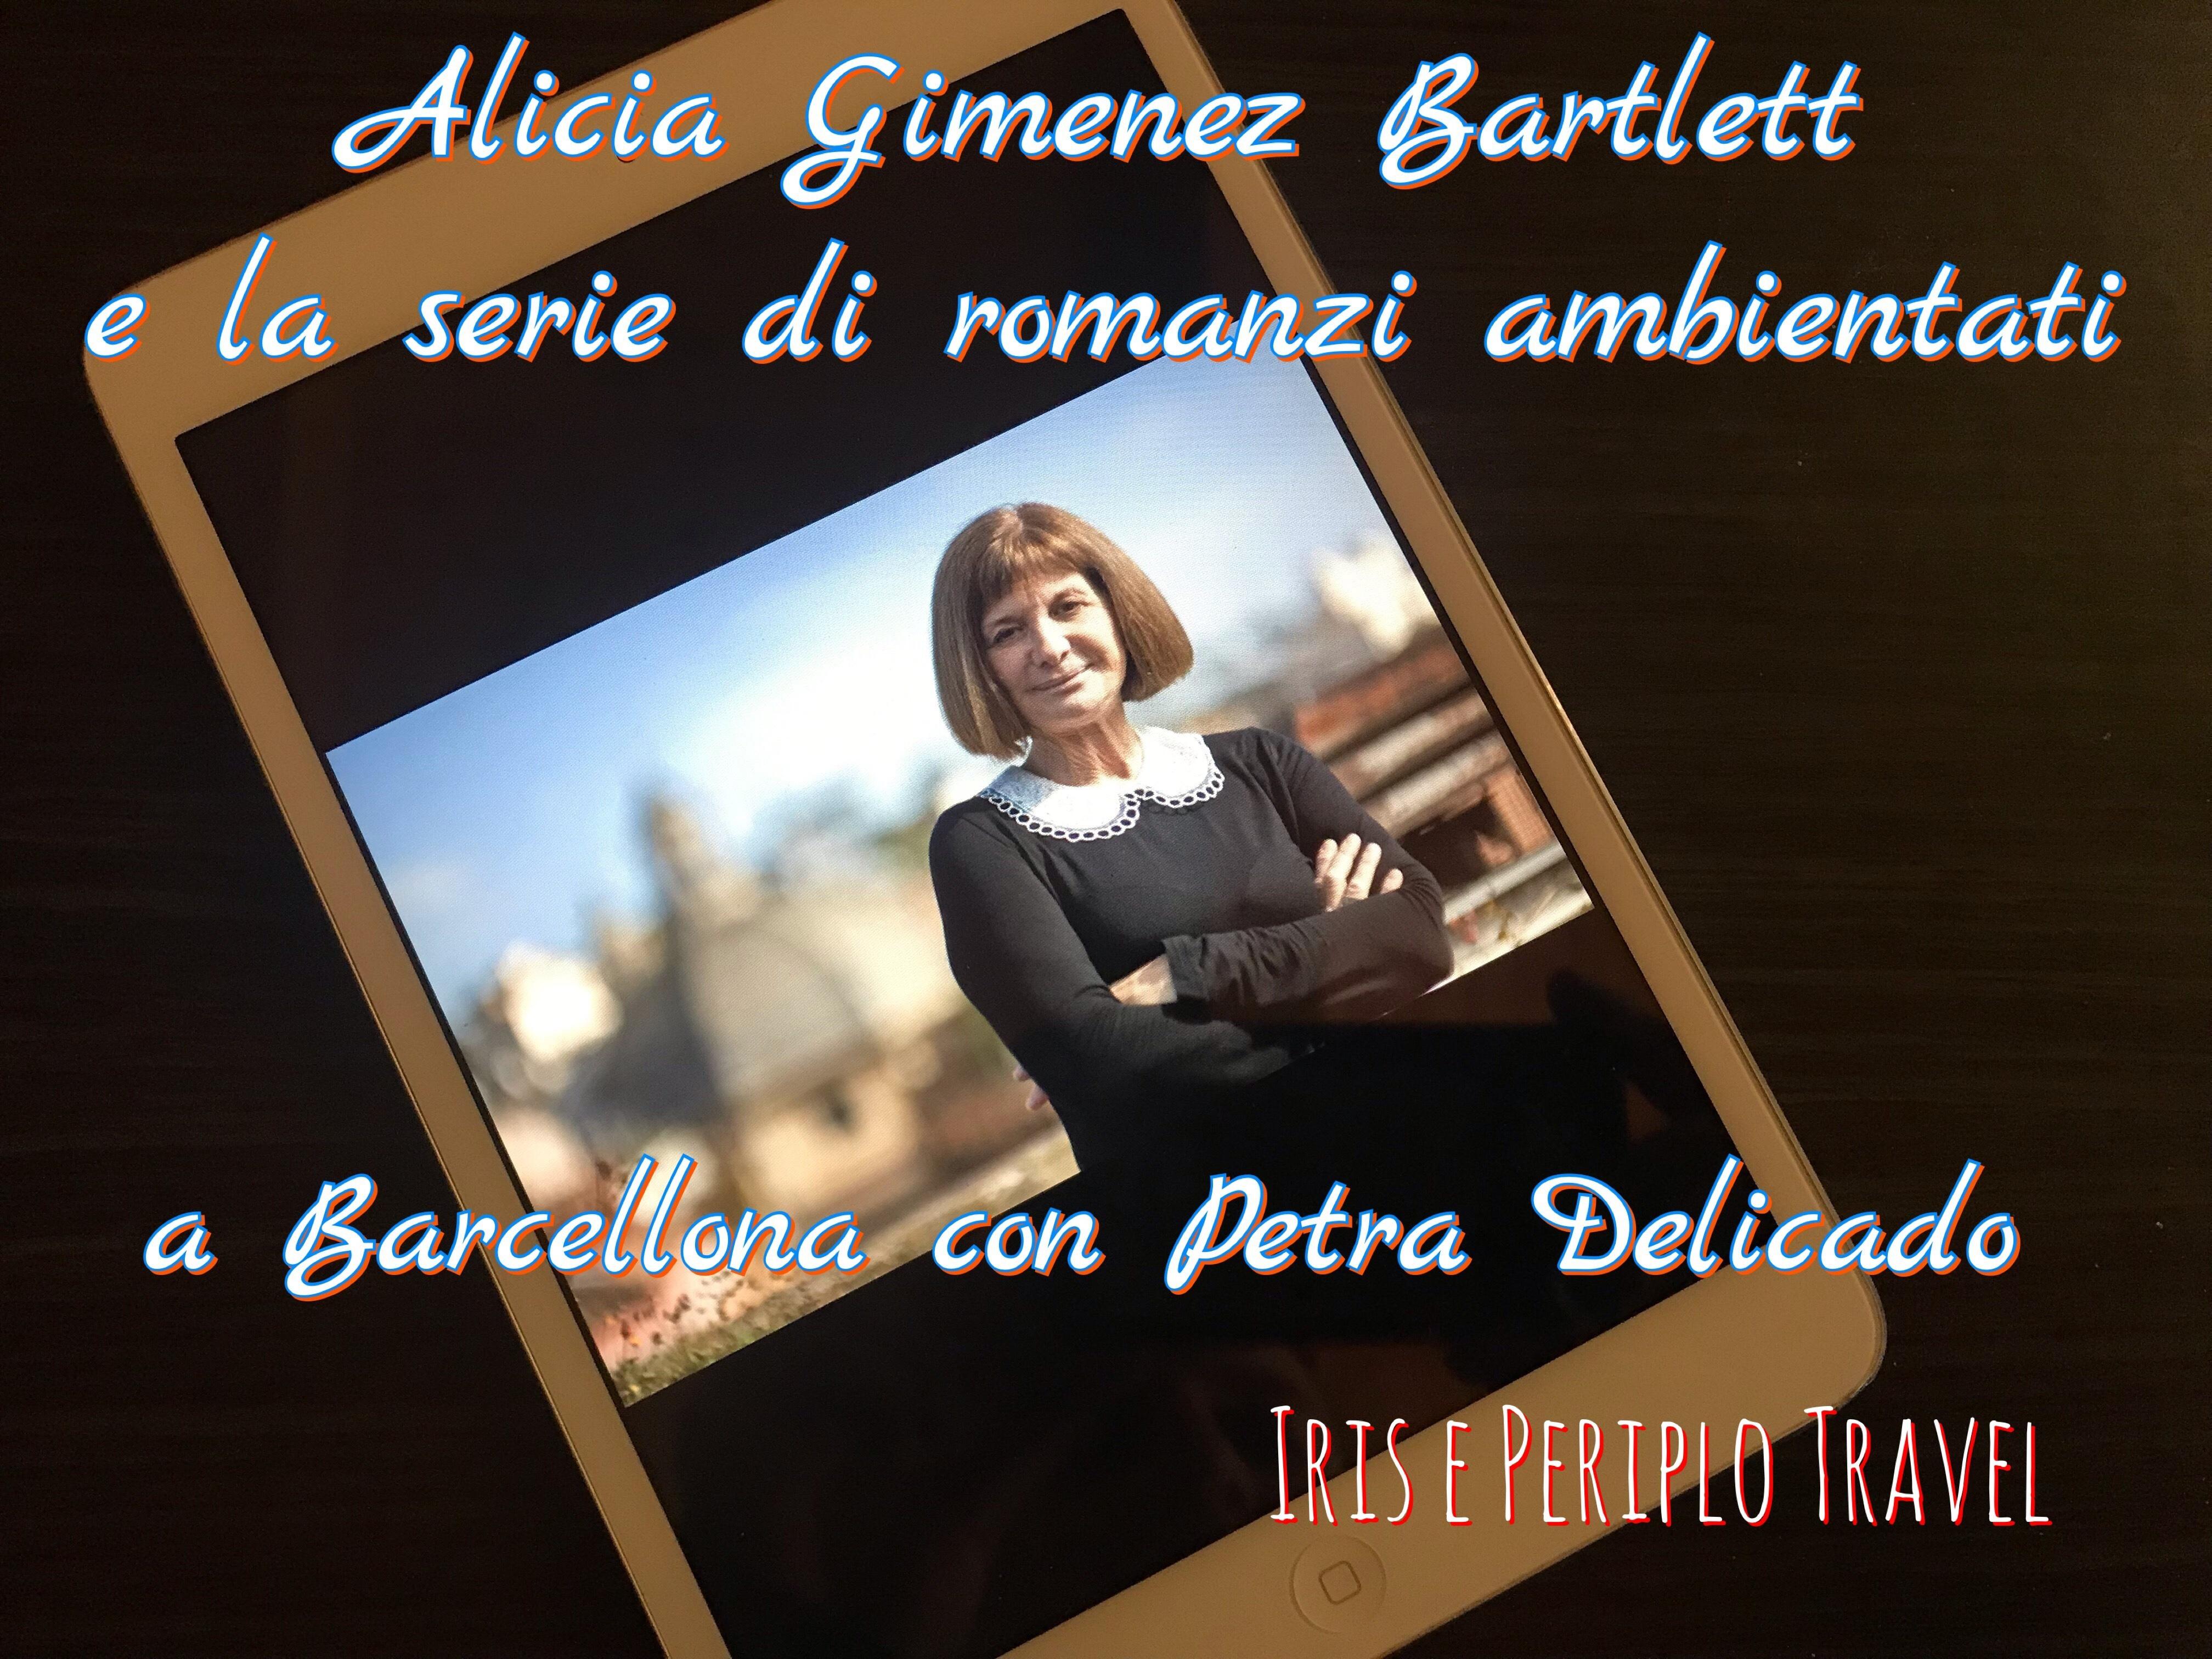 Alicia Gimenez Bartlett e la sua serie di polizieschi